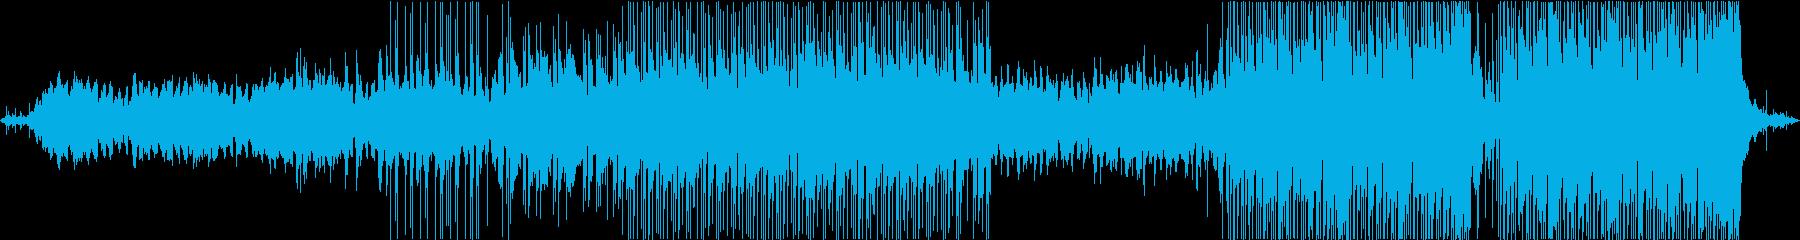 雨の日のチルでテクノなLiFiビートの再生済みの波形